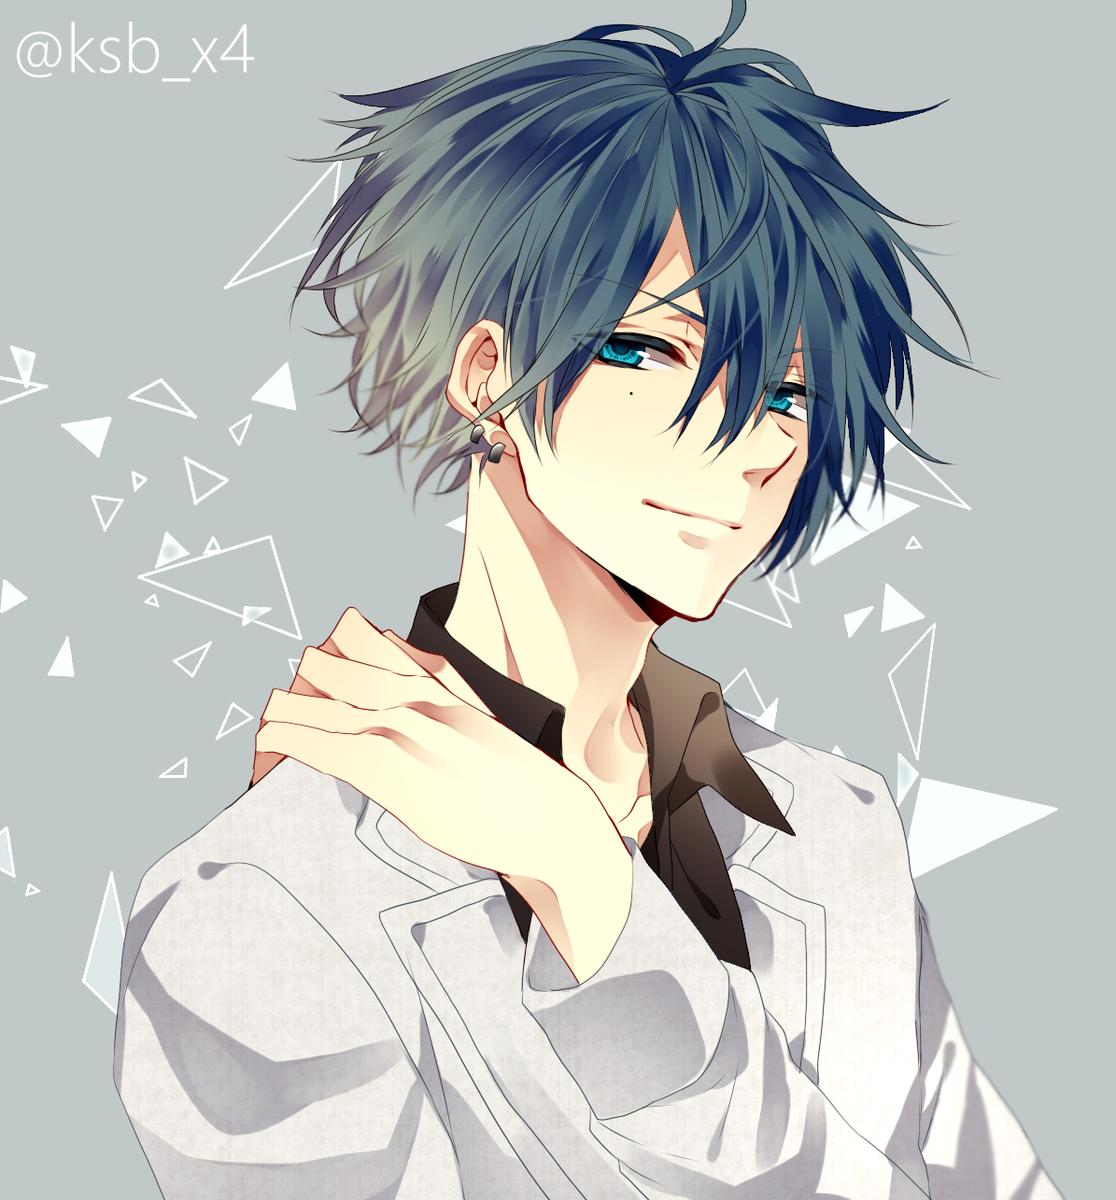 """カシバ? on twitter: """"青髪男子 http://t.co/stg1zjssgf"""""""